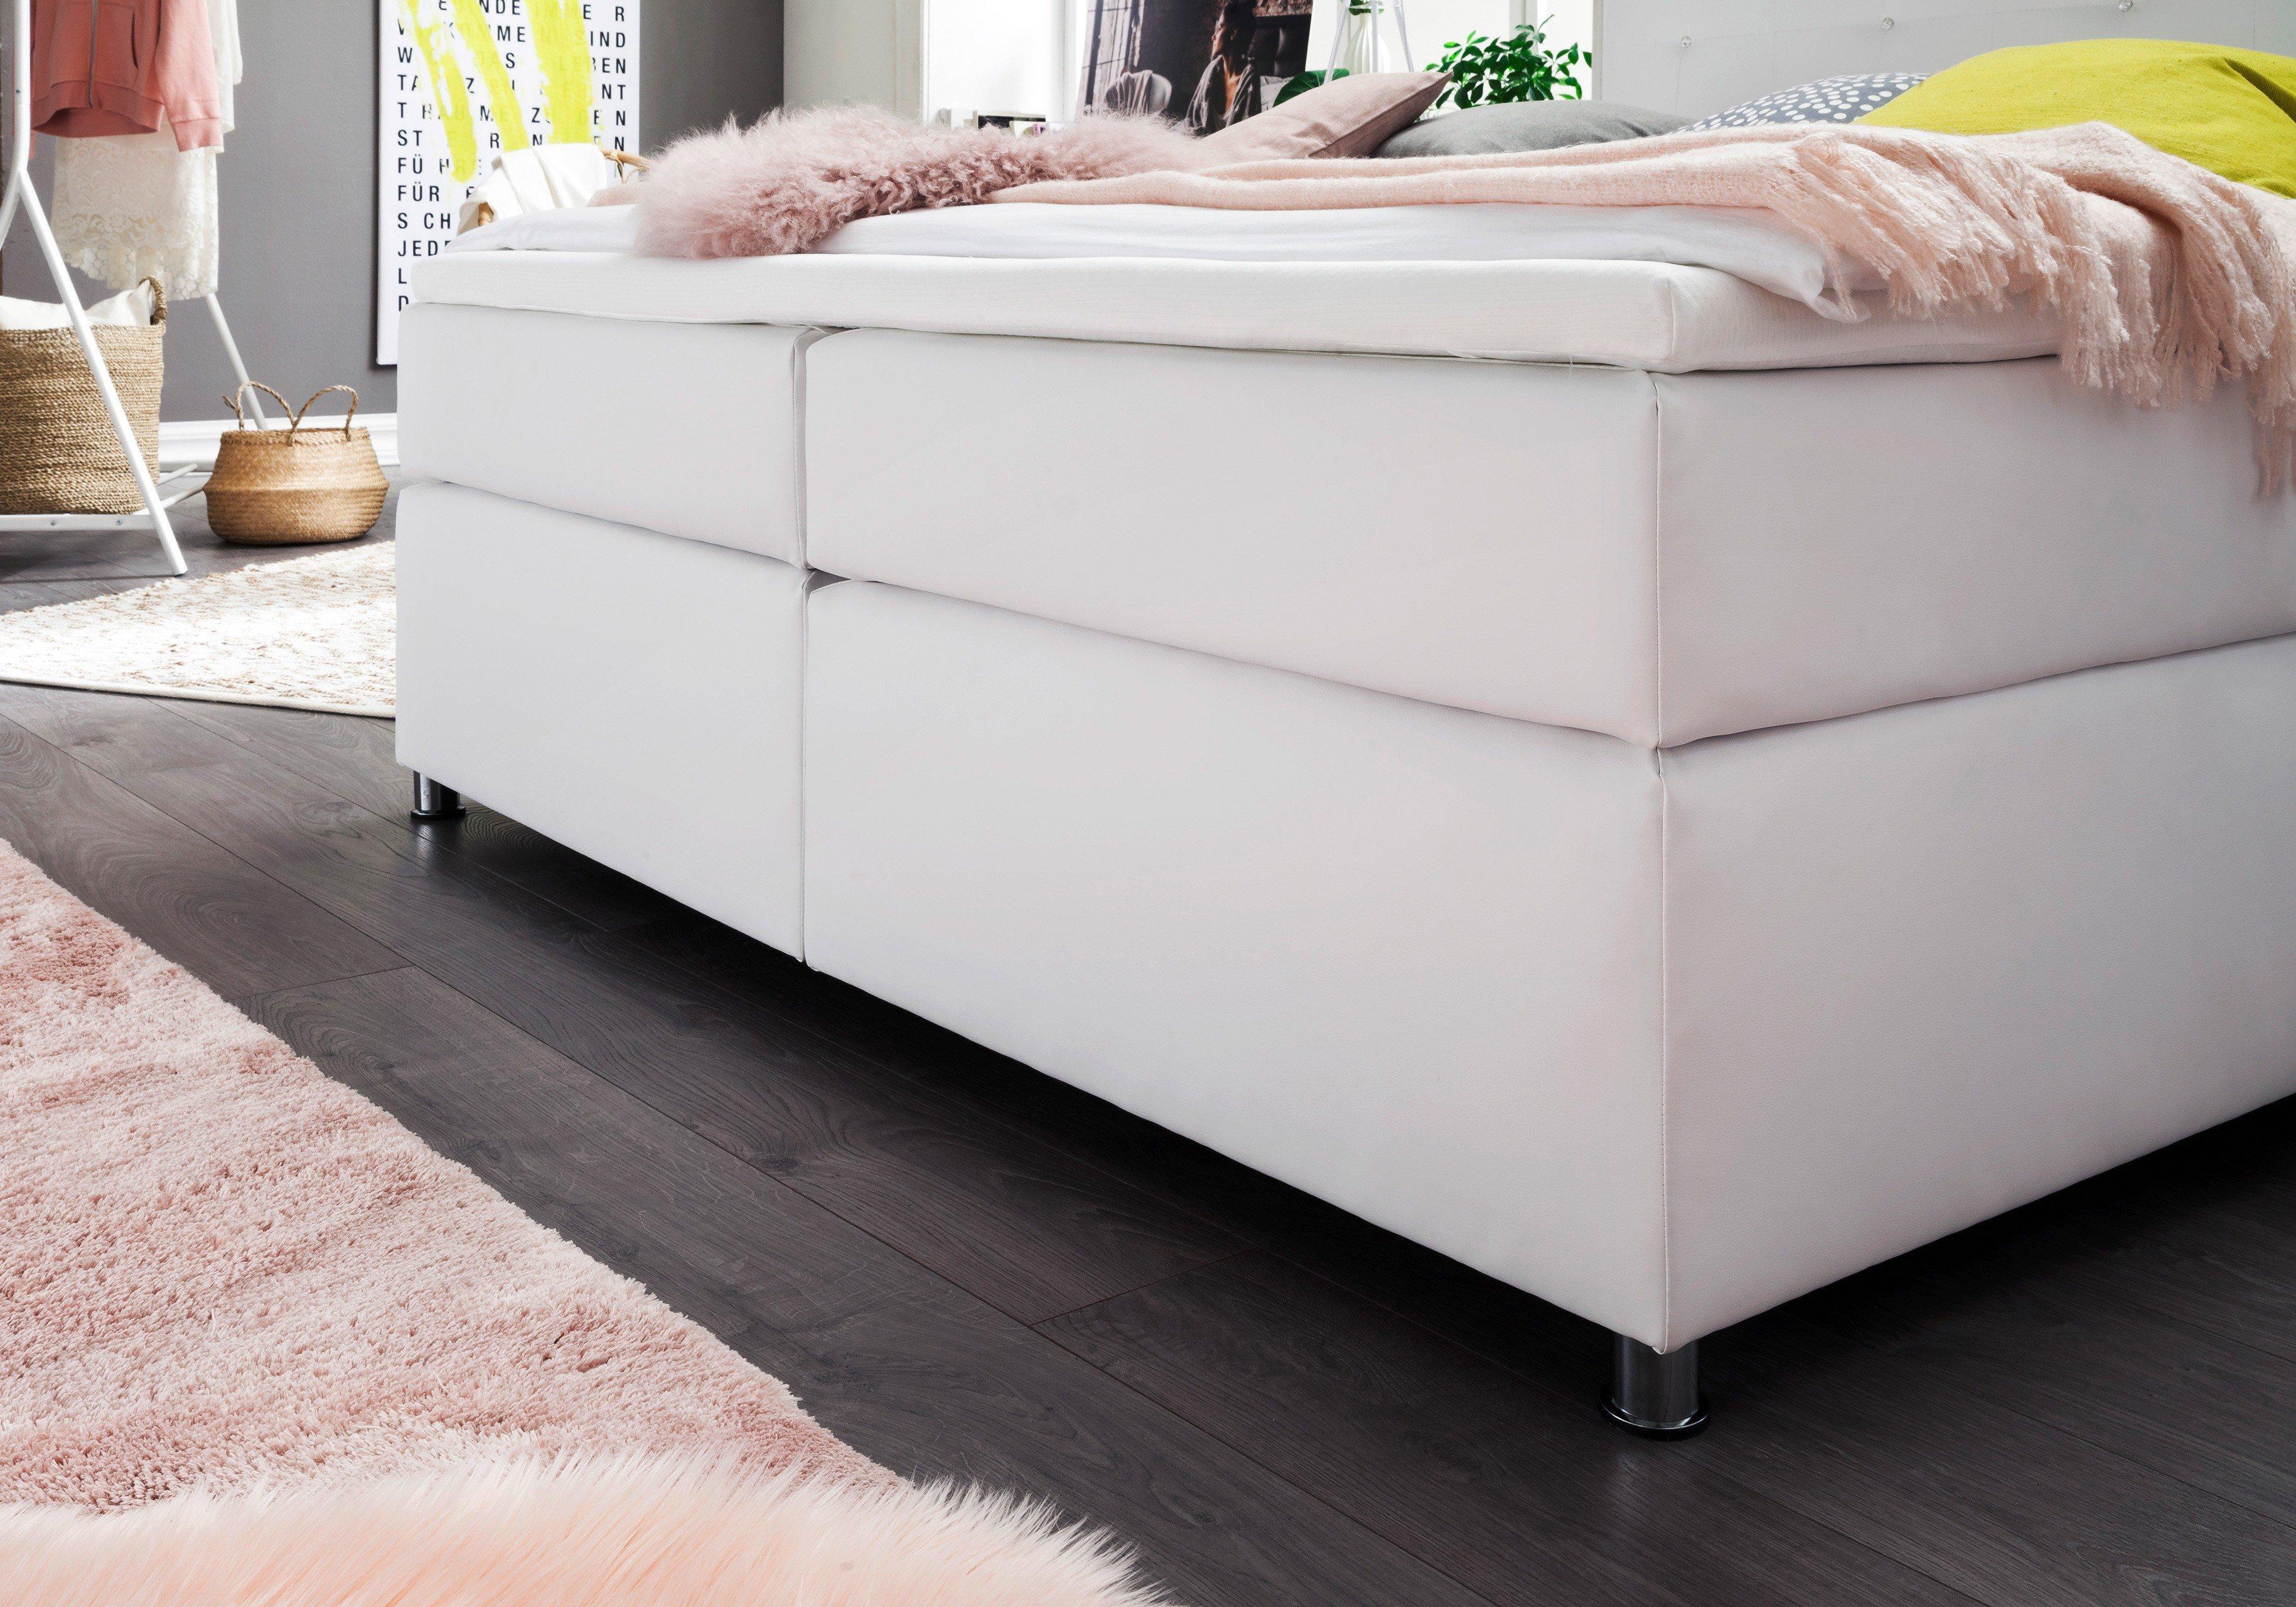 skandinavisches boxspringbett estelle in wei mit swarovski kristallen m bel letz ihr online. Black Bedroom Furniture Sets. Home Design Ideas